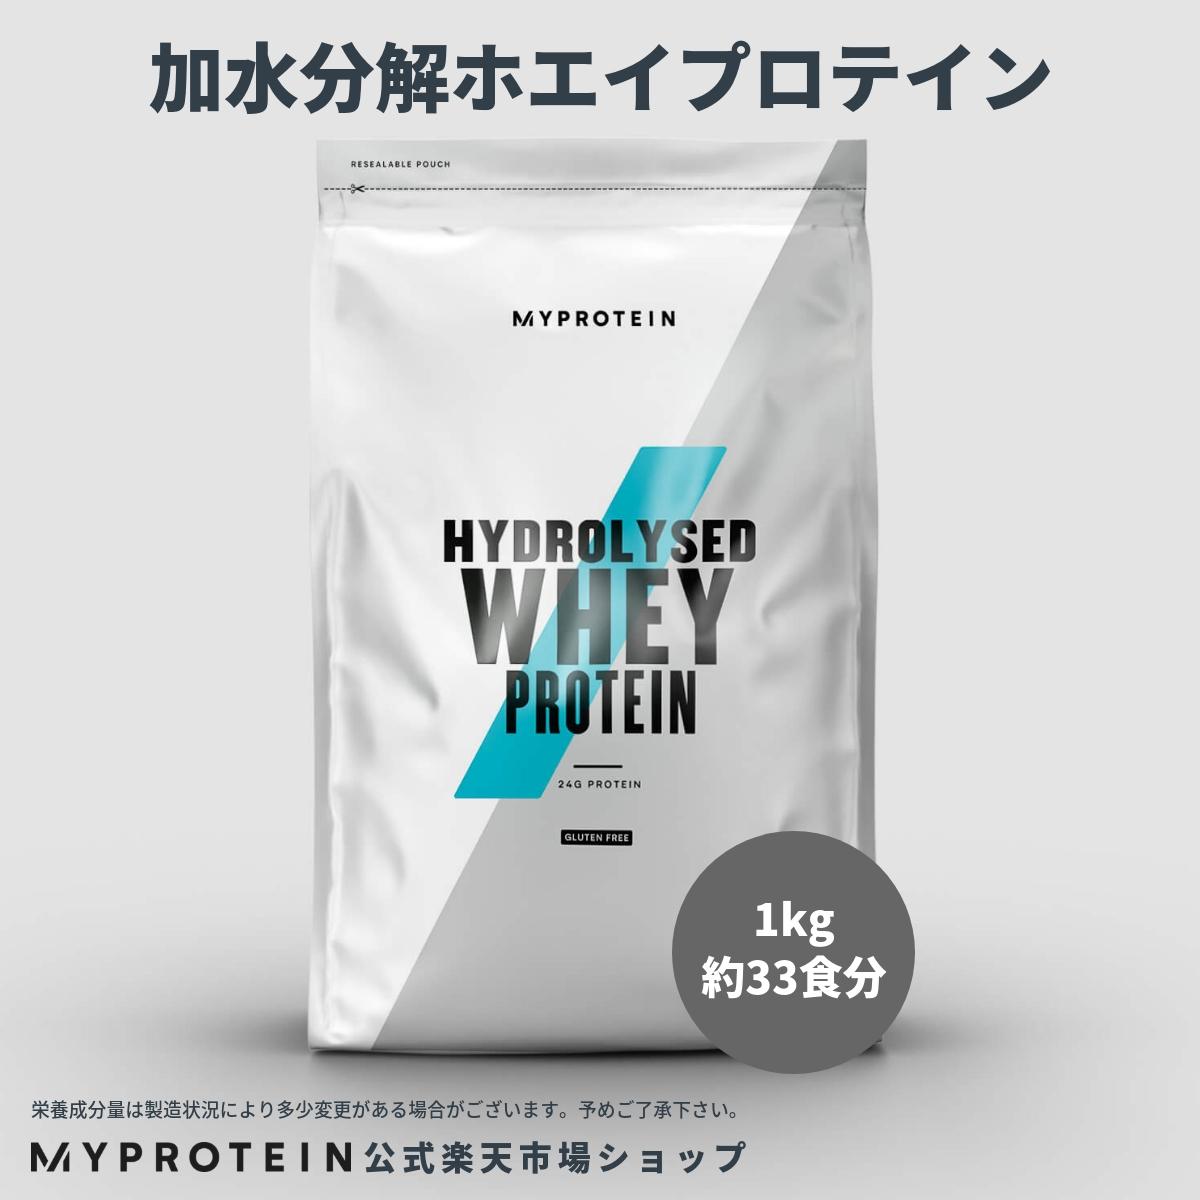 マイプロテイン 公式 【MyProtein】 加水分解 ホエイプロテイン(ハイドロプロテイン) 1kg 約33食分| プロテイン ホエイ 減量 ダイエット 筋トレ 筋肉 バルクアップ ボディーメイク 肉体改造 酵素 アミノ酸【楽天海外直送